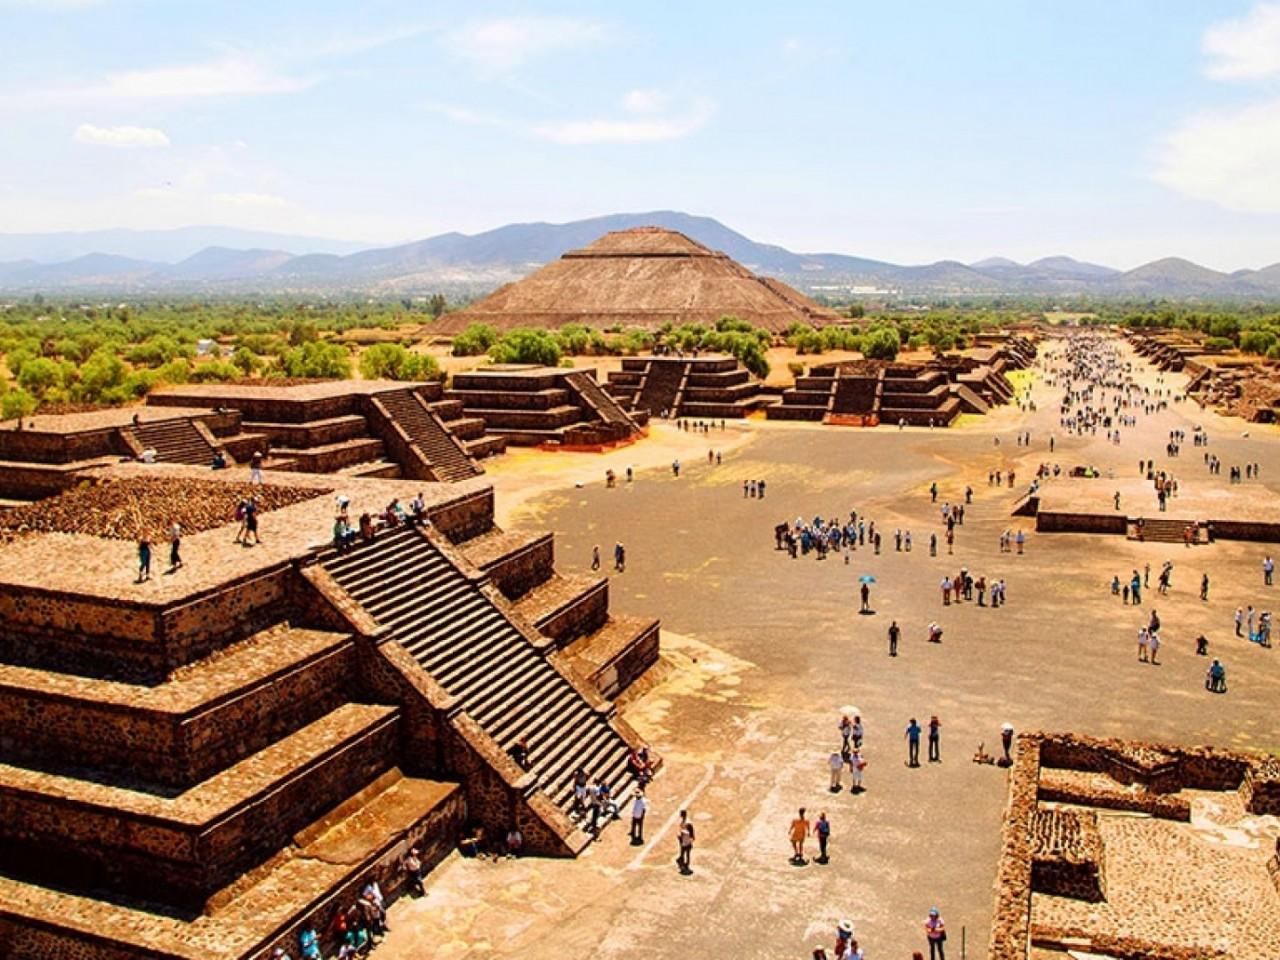 Pirámides de Teotihuacan & Basílica de Guadalupe